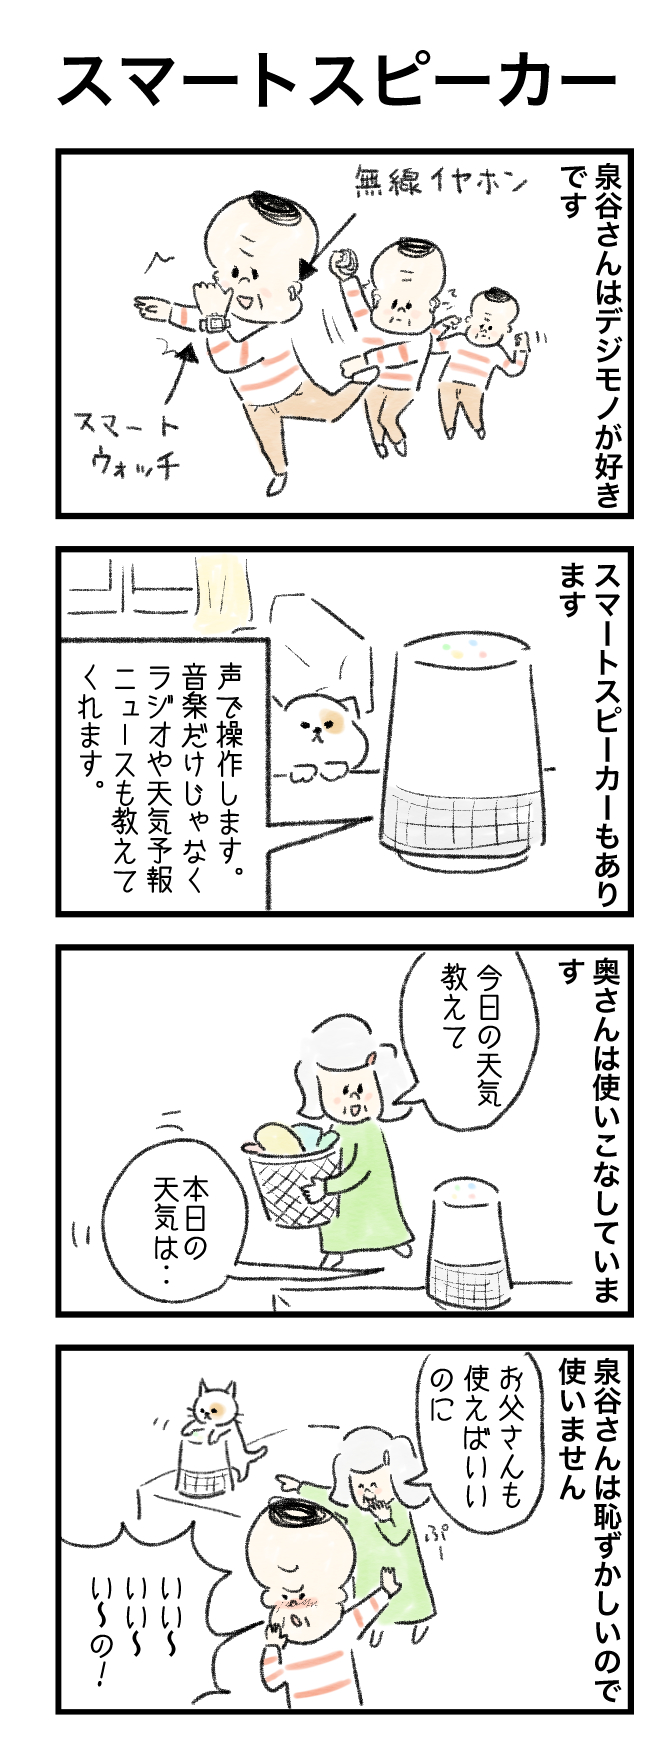 今日の泉谷さん【12】 作:カワサキヒロシ(ごとお日漫画)